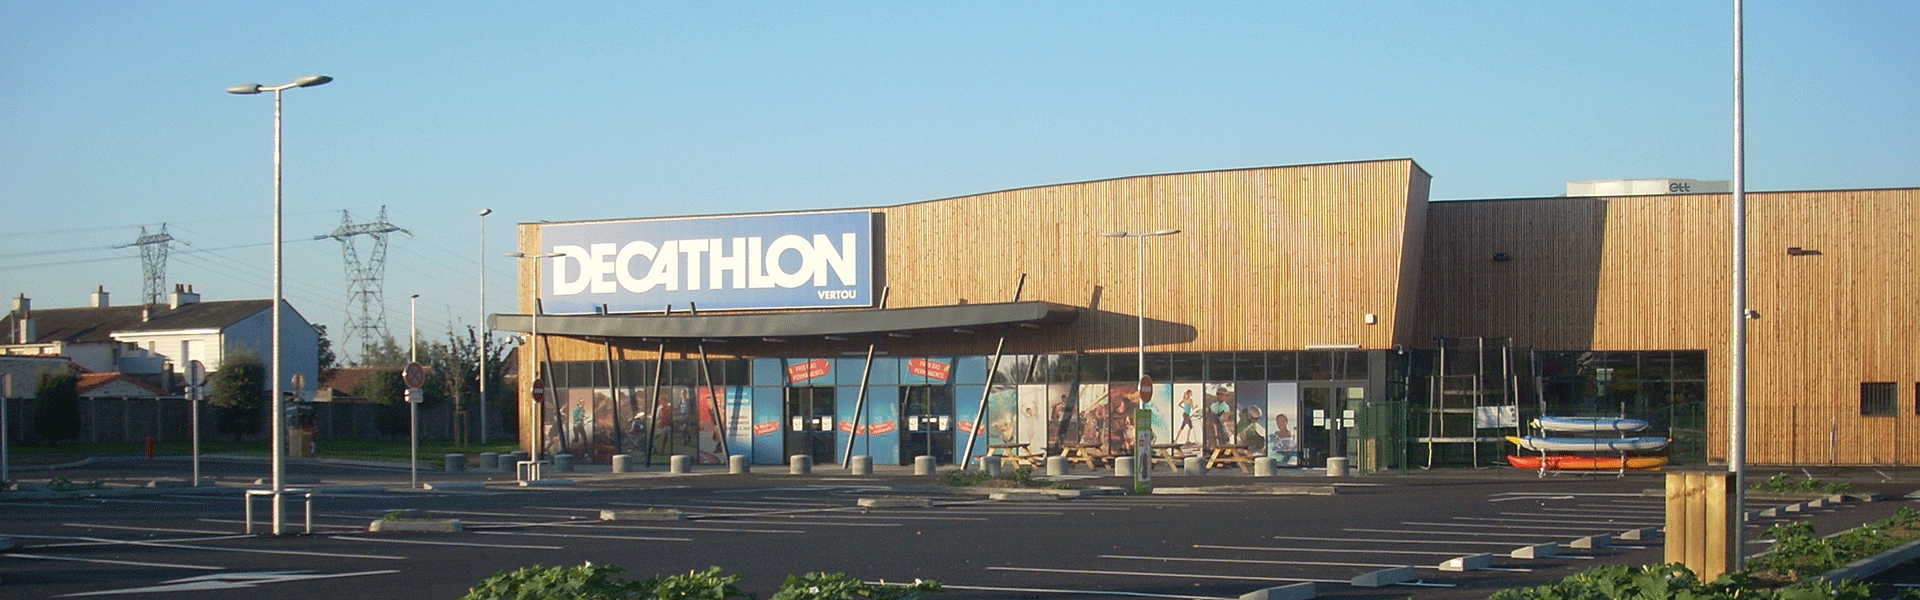 Mission AMO DECATHLON